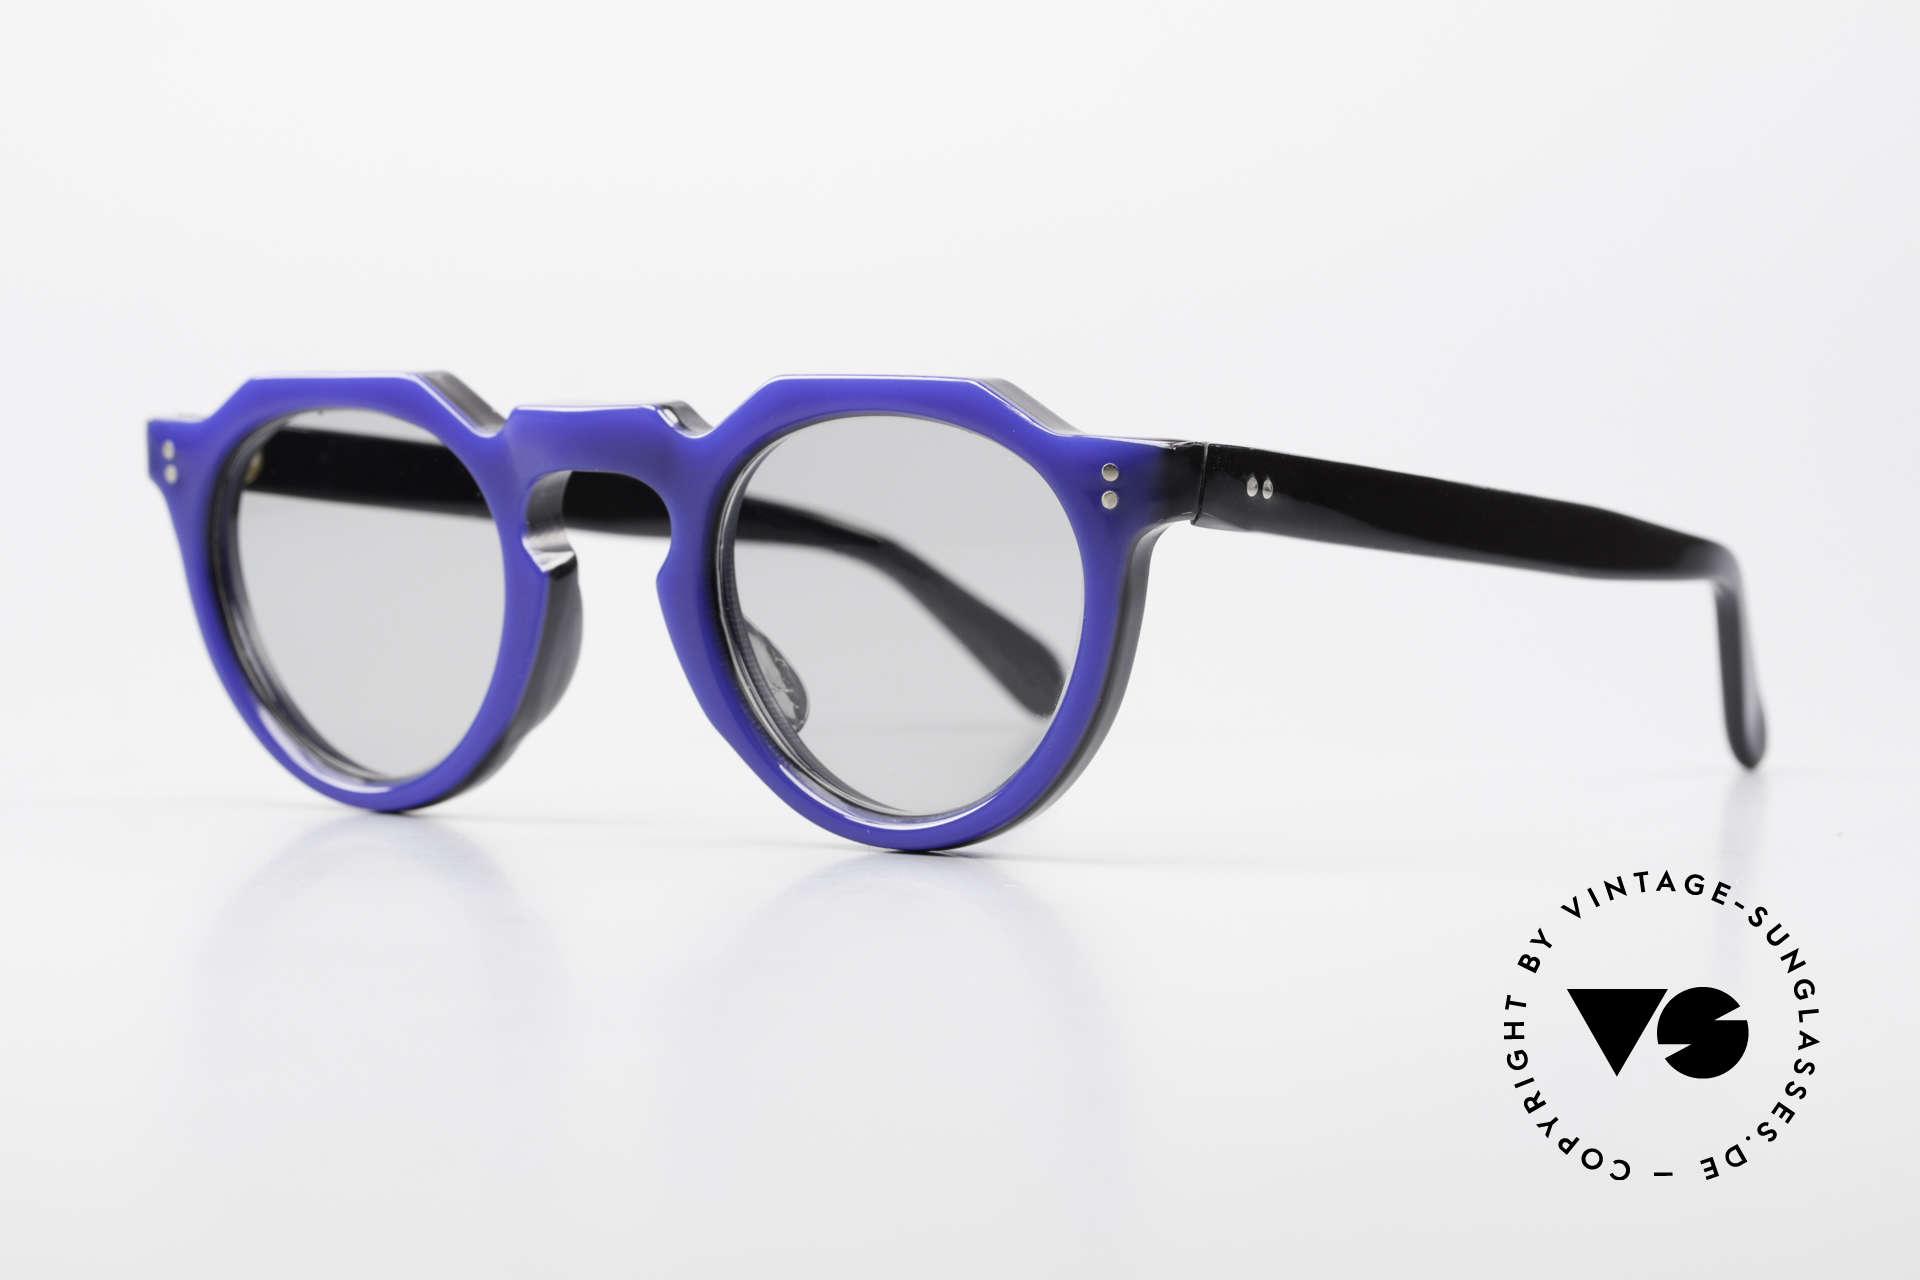 Lesca Panto 6mm 60er Frankreich Brille Panto, 6mm dickes Rahmenprofil = gemacht für die Ewigkeit, Passend für Herren